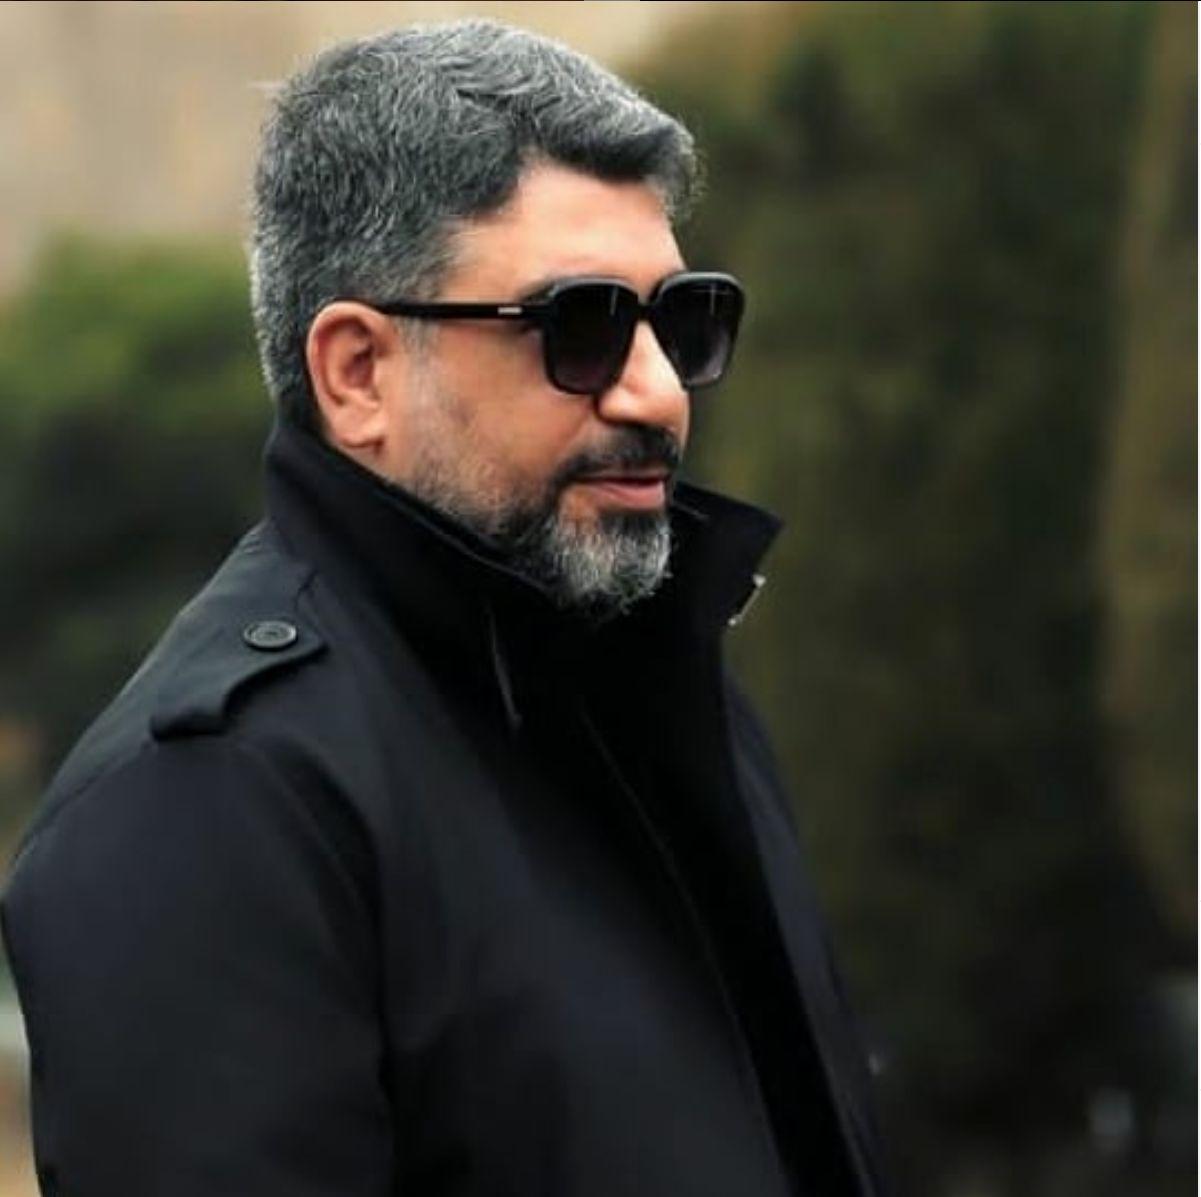 رضا رشیدپور  برای همیشه رفت؟/ اولین واکنش رضا رشیدپور + ویدئو